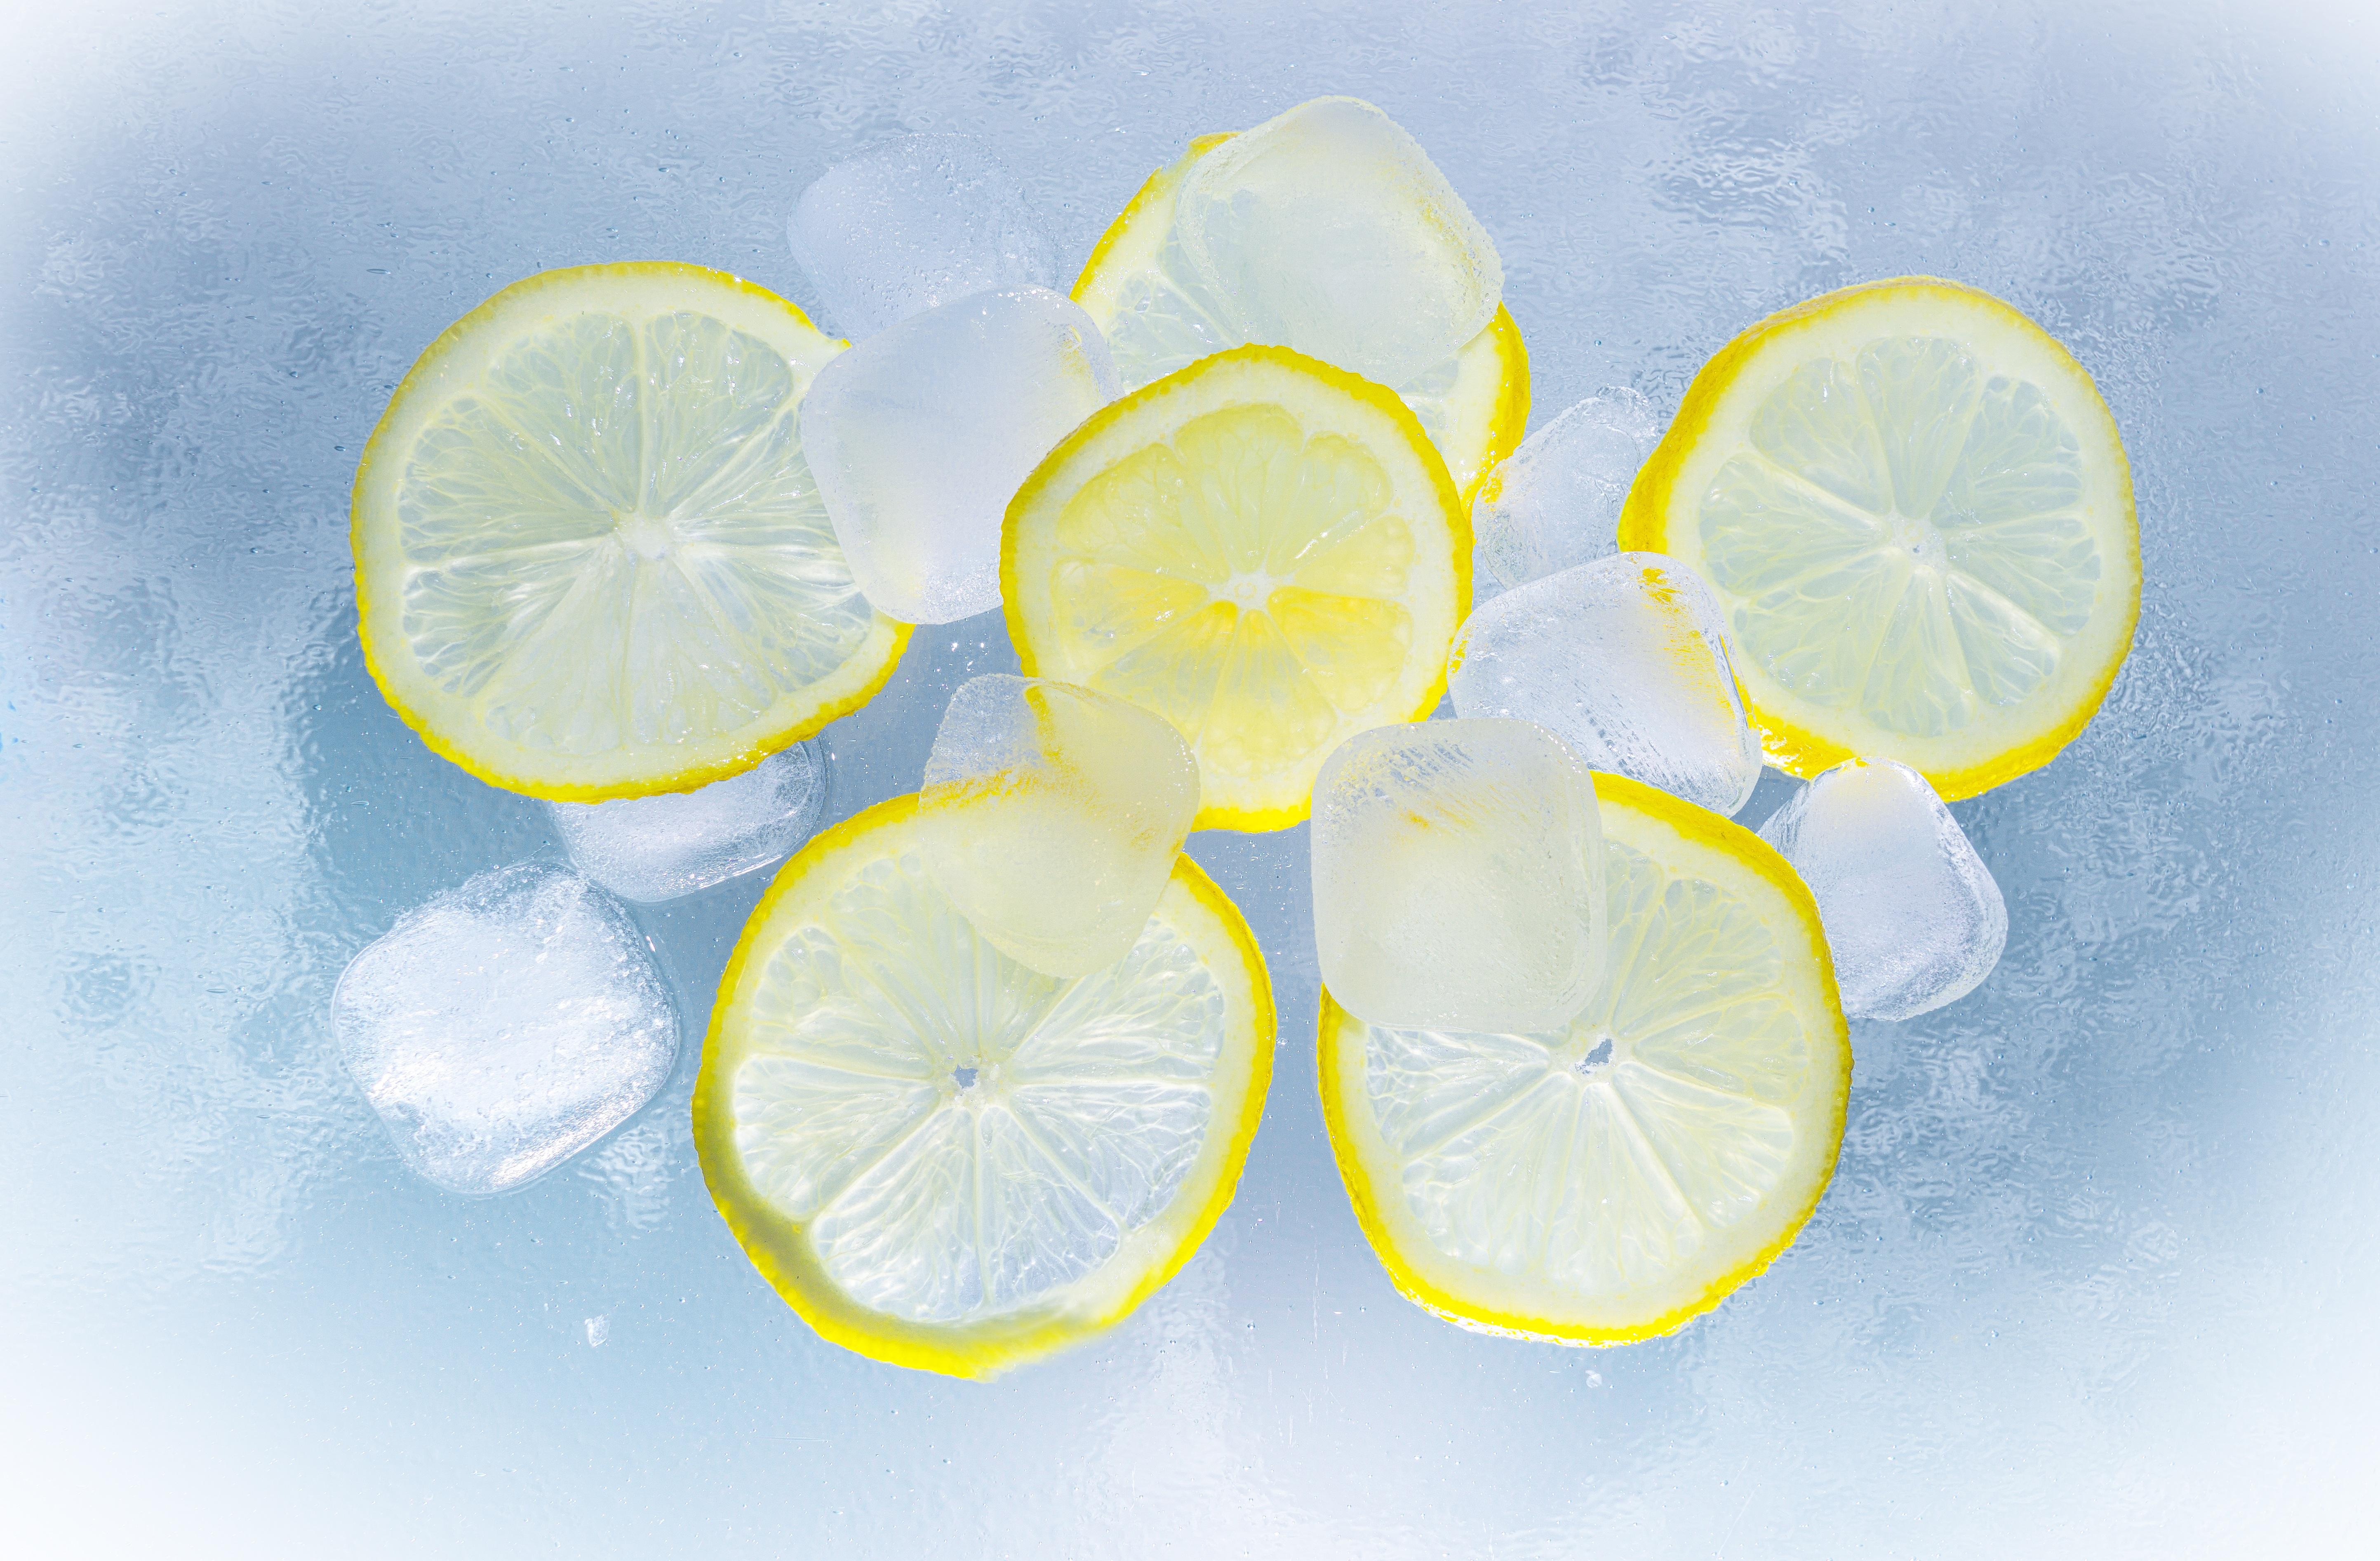 вода с лимоном натощак польза